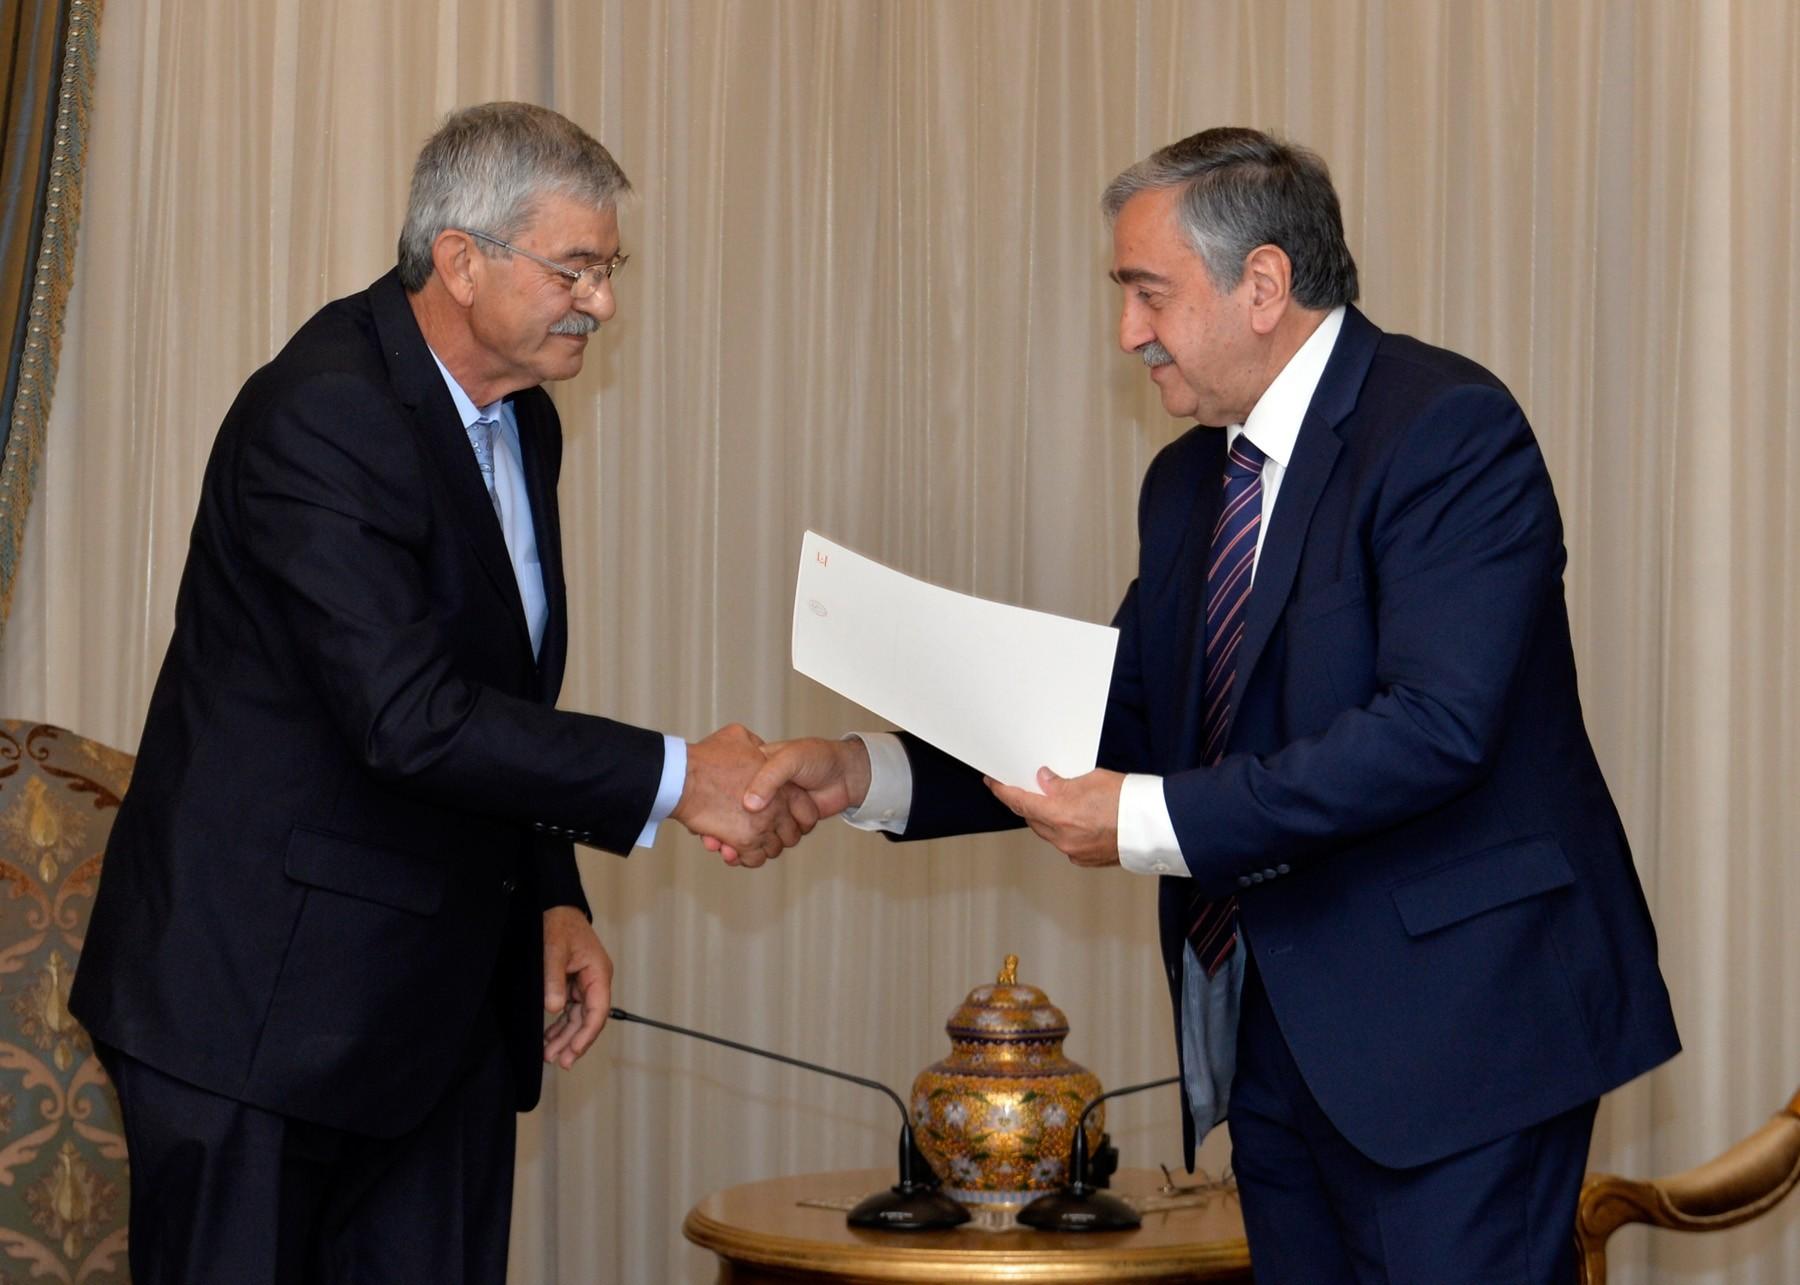 AKP'nin su ambargosu koalisyonu bozdu: KKTC'de UBP-CTP hükümeti sona erdi